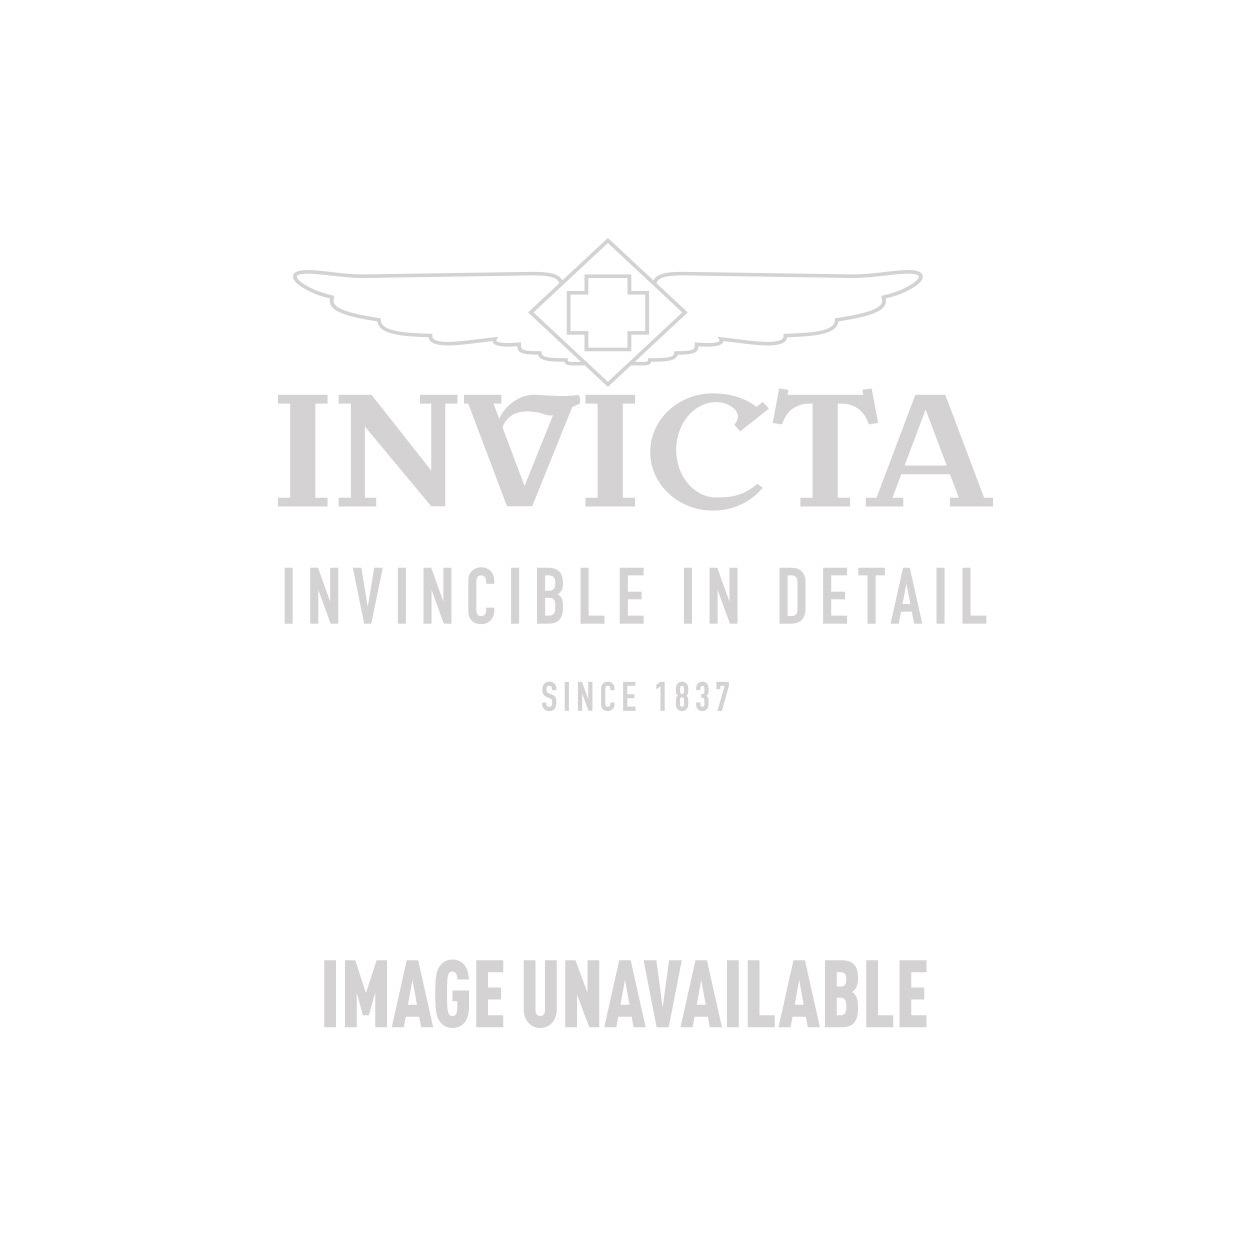 Invicta Subaqua NOMA III Mens Quartz 50mm Blue Case  Stainless Steel Dial Model  - 20156